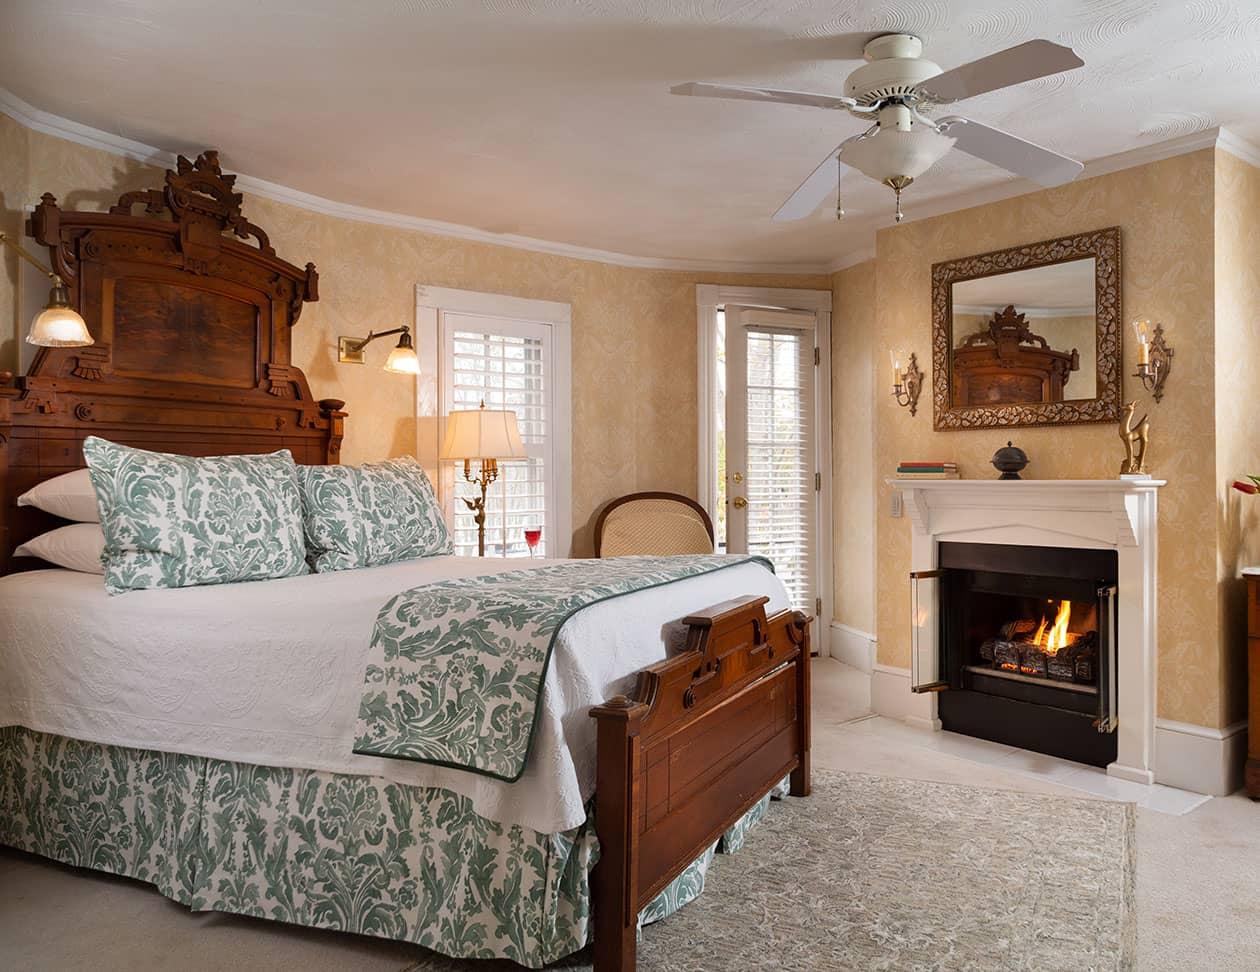 Roanoke Island Bed and Breakfast Queen Bed in Yellow Room